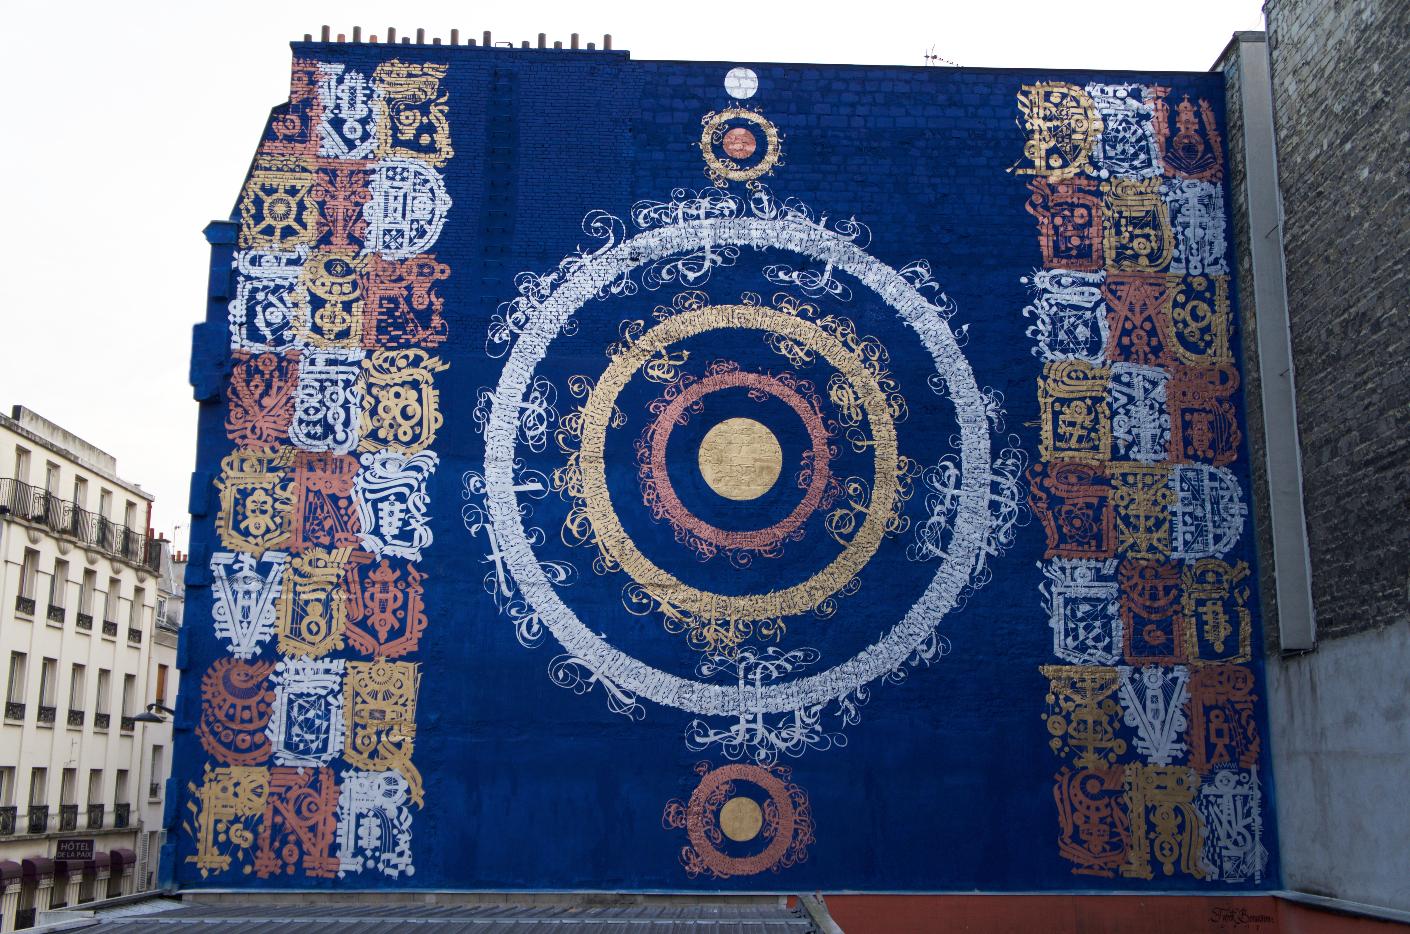 arturbain murales quai 36 mural kolossal 1 - Quai 36 invite des street artistes à colorer halls de gare et palissades de chantiers